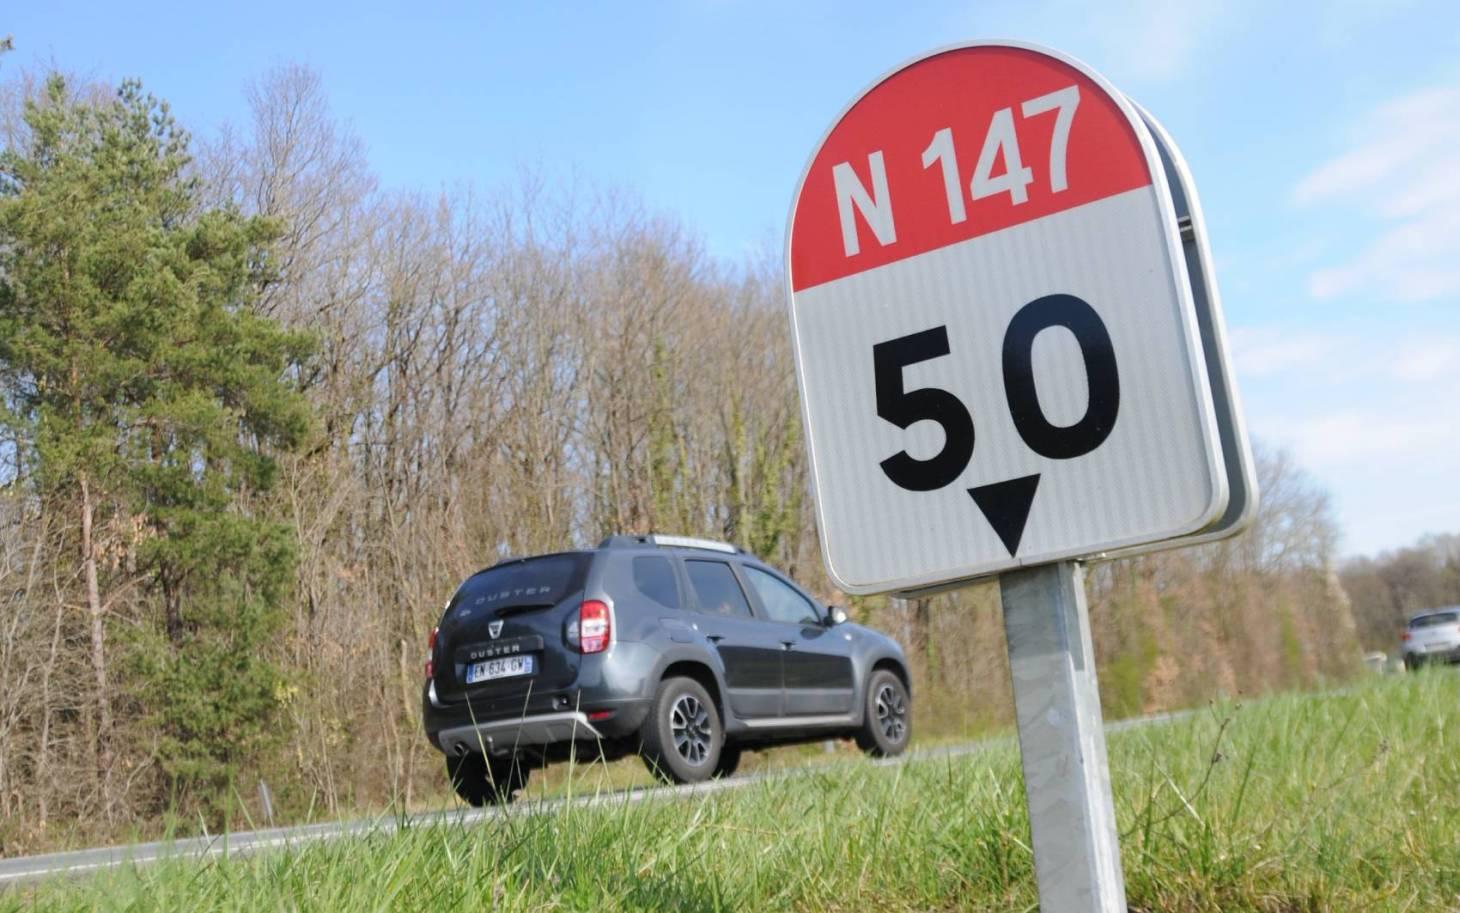 Autoroute/route : la bataille de la 147